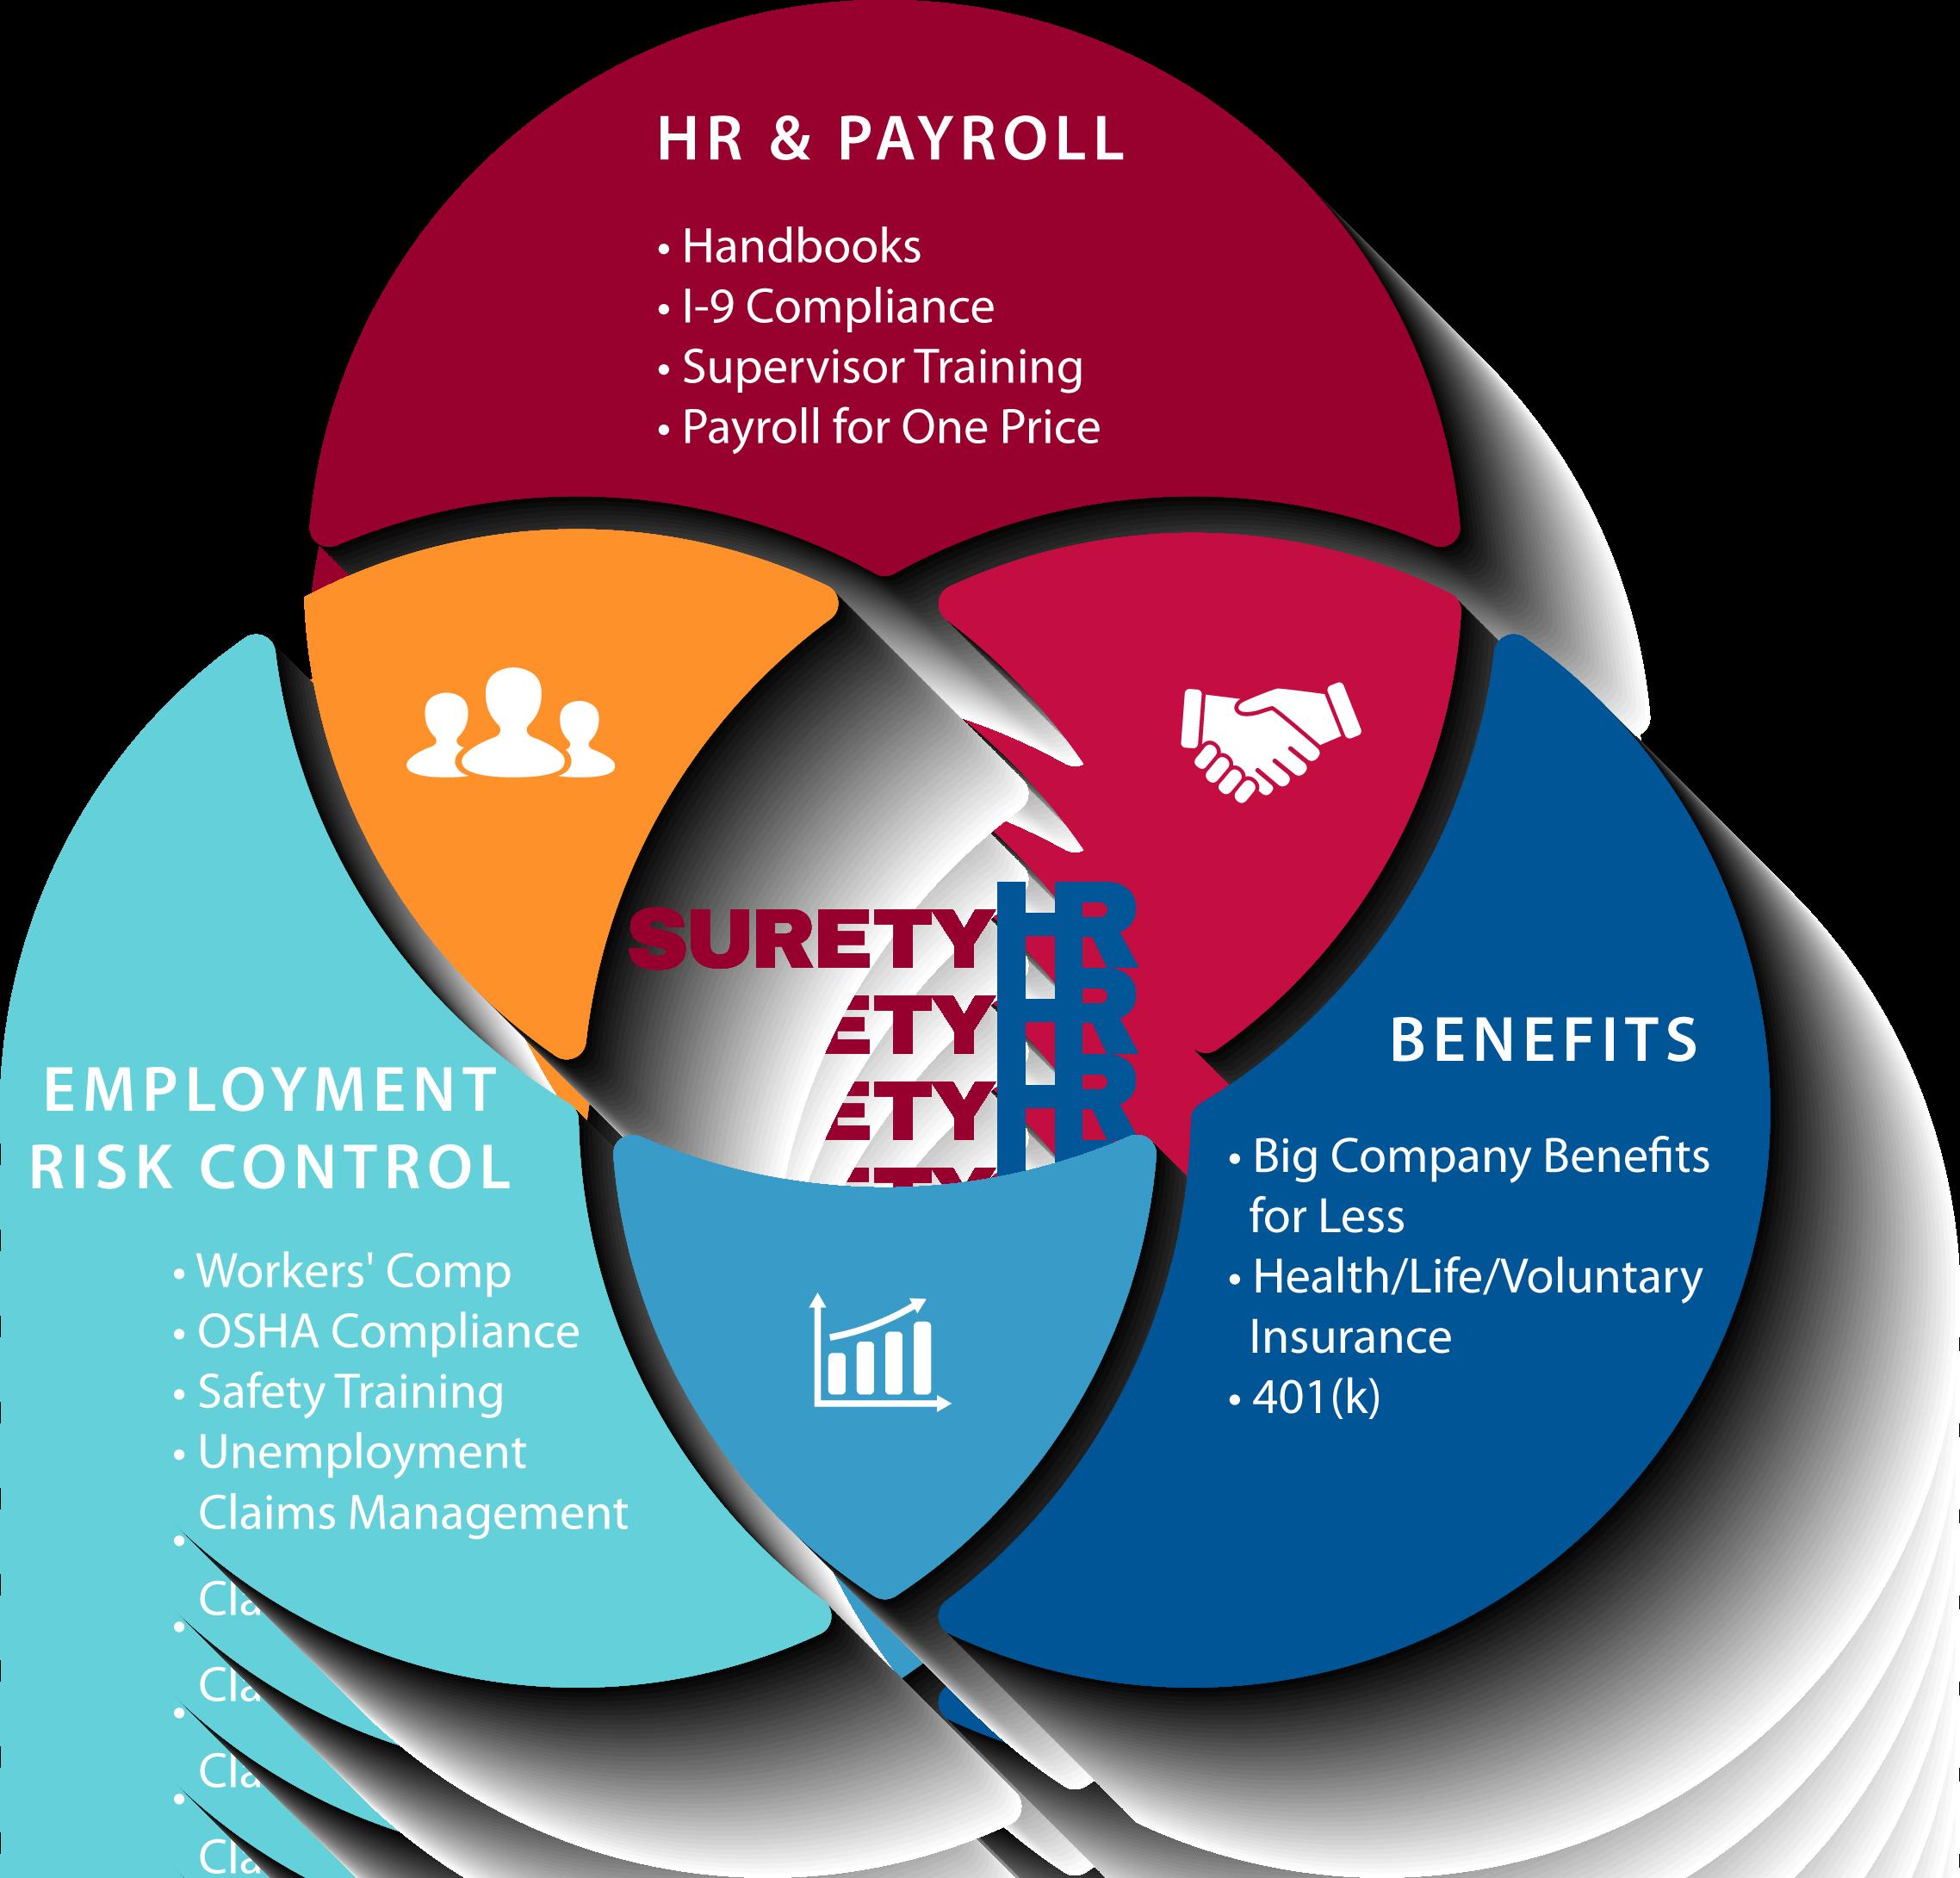 SuretyHR | Why Surety HR